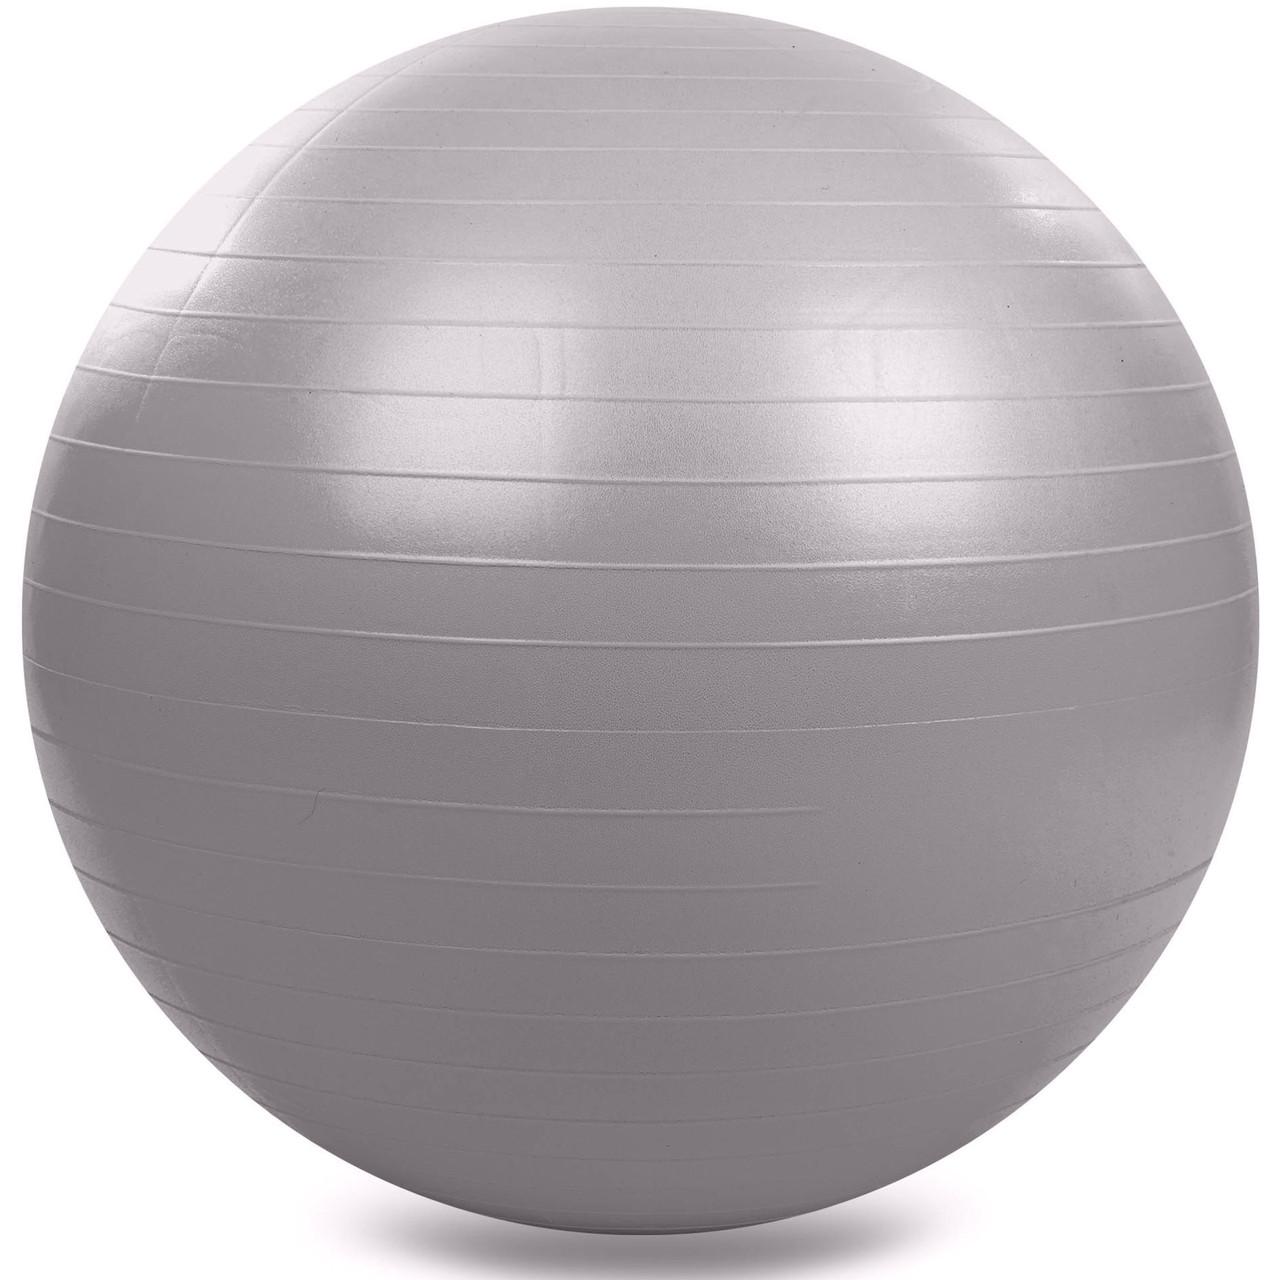 Мяч для фитнеса (фитбол) гладкий сатин 85см Zelart FI-1985-85 Серый